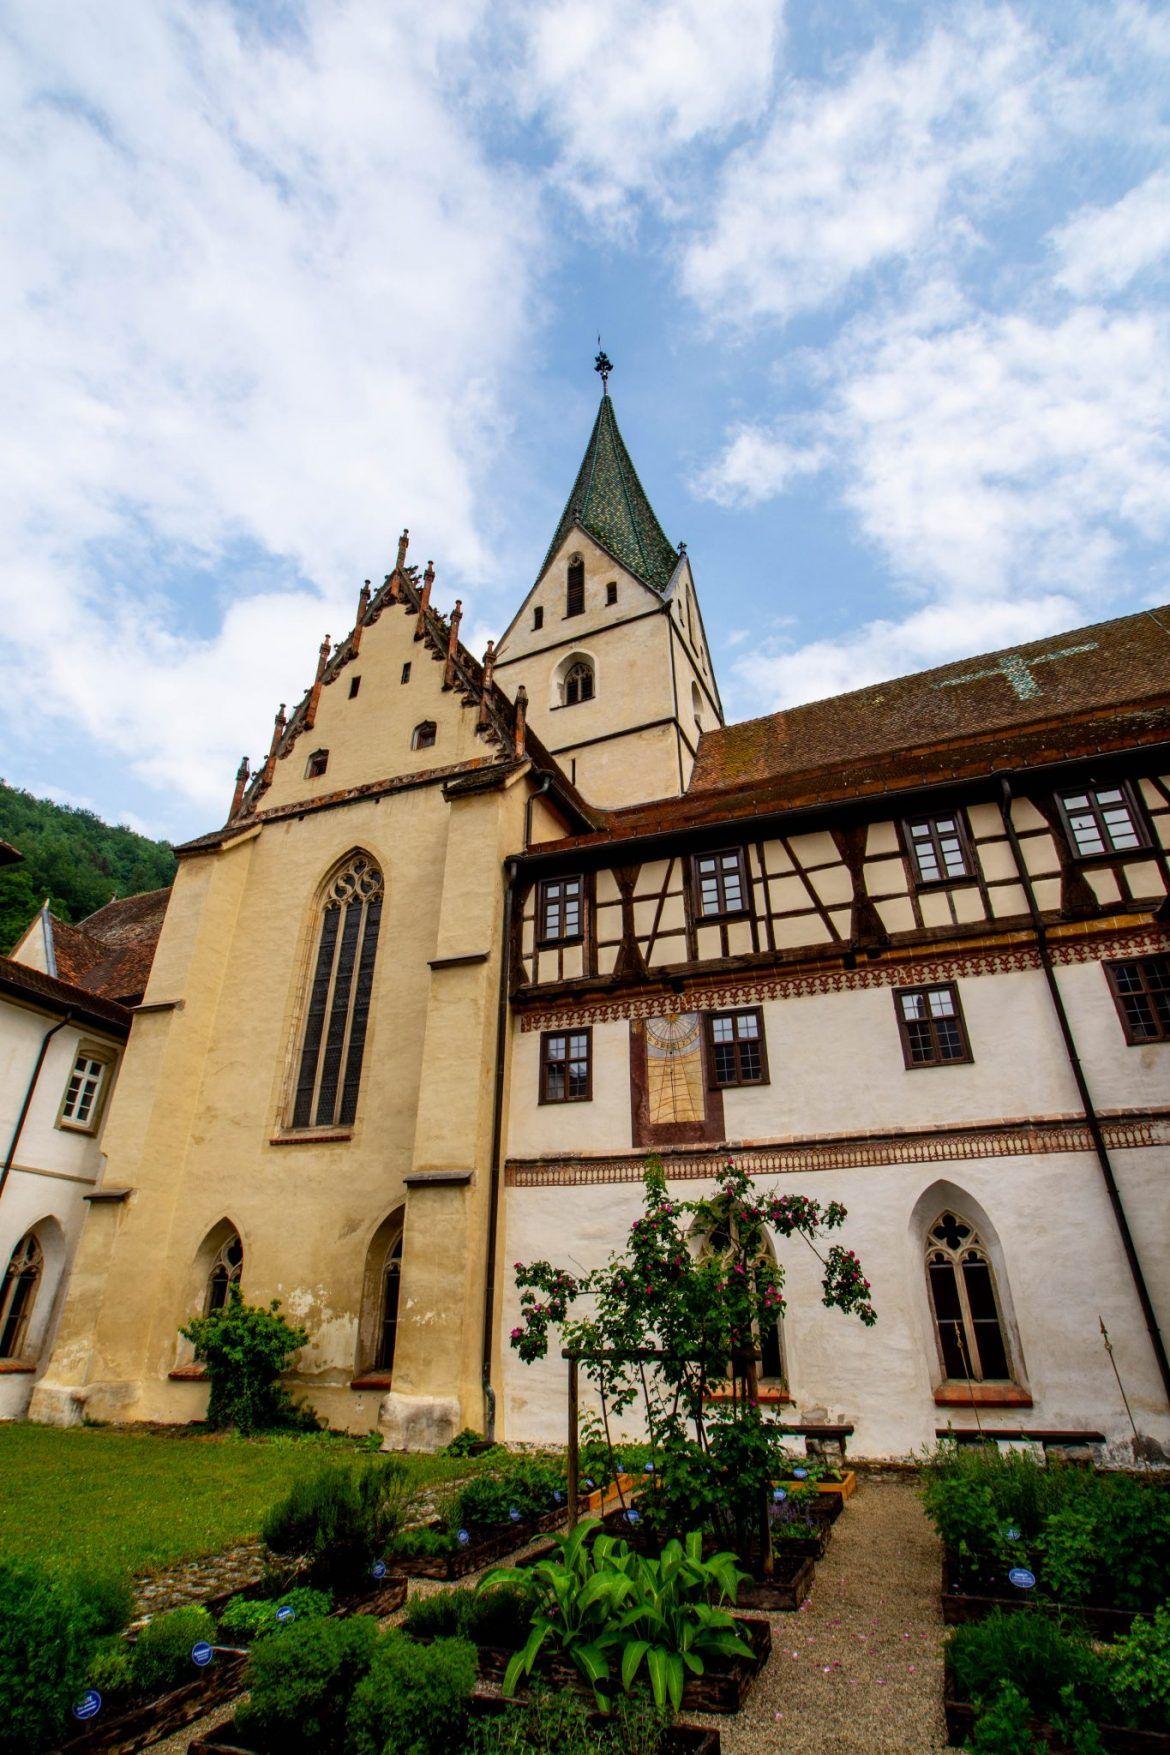 Sehenswurdigkeiten In Blaubeuren Sophias Welt Schwarzwald Urlaub Wurttemberg Schone Orte